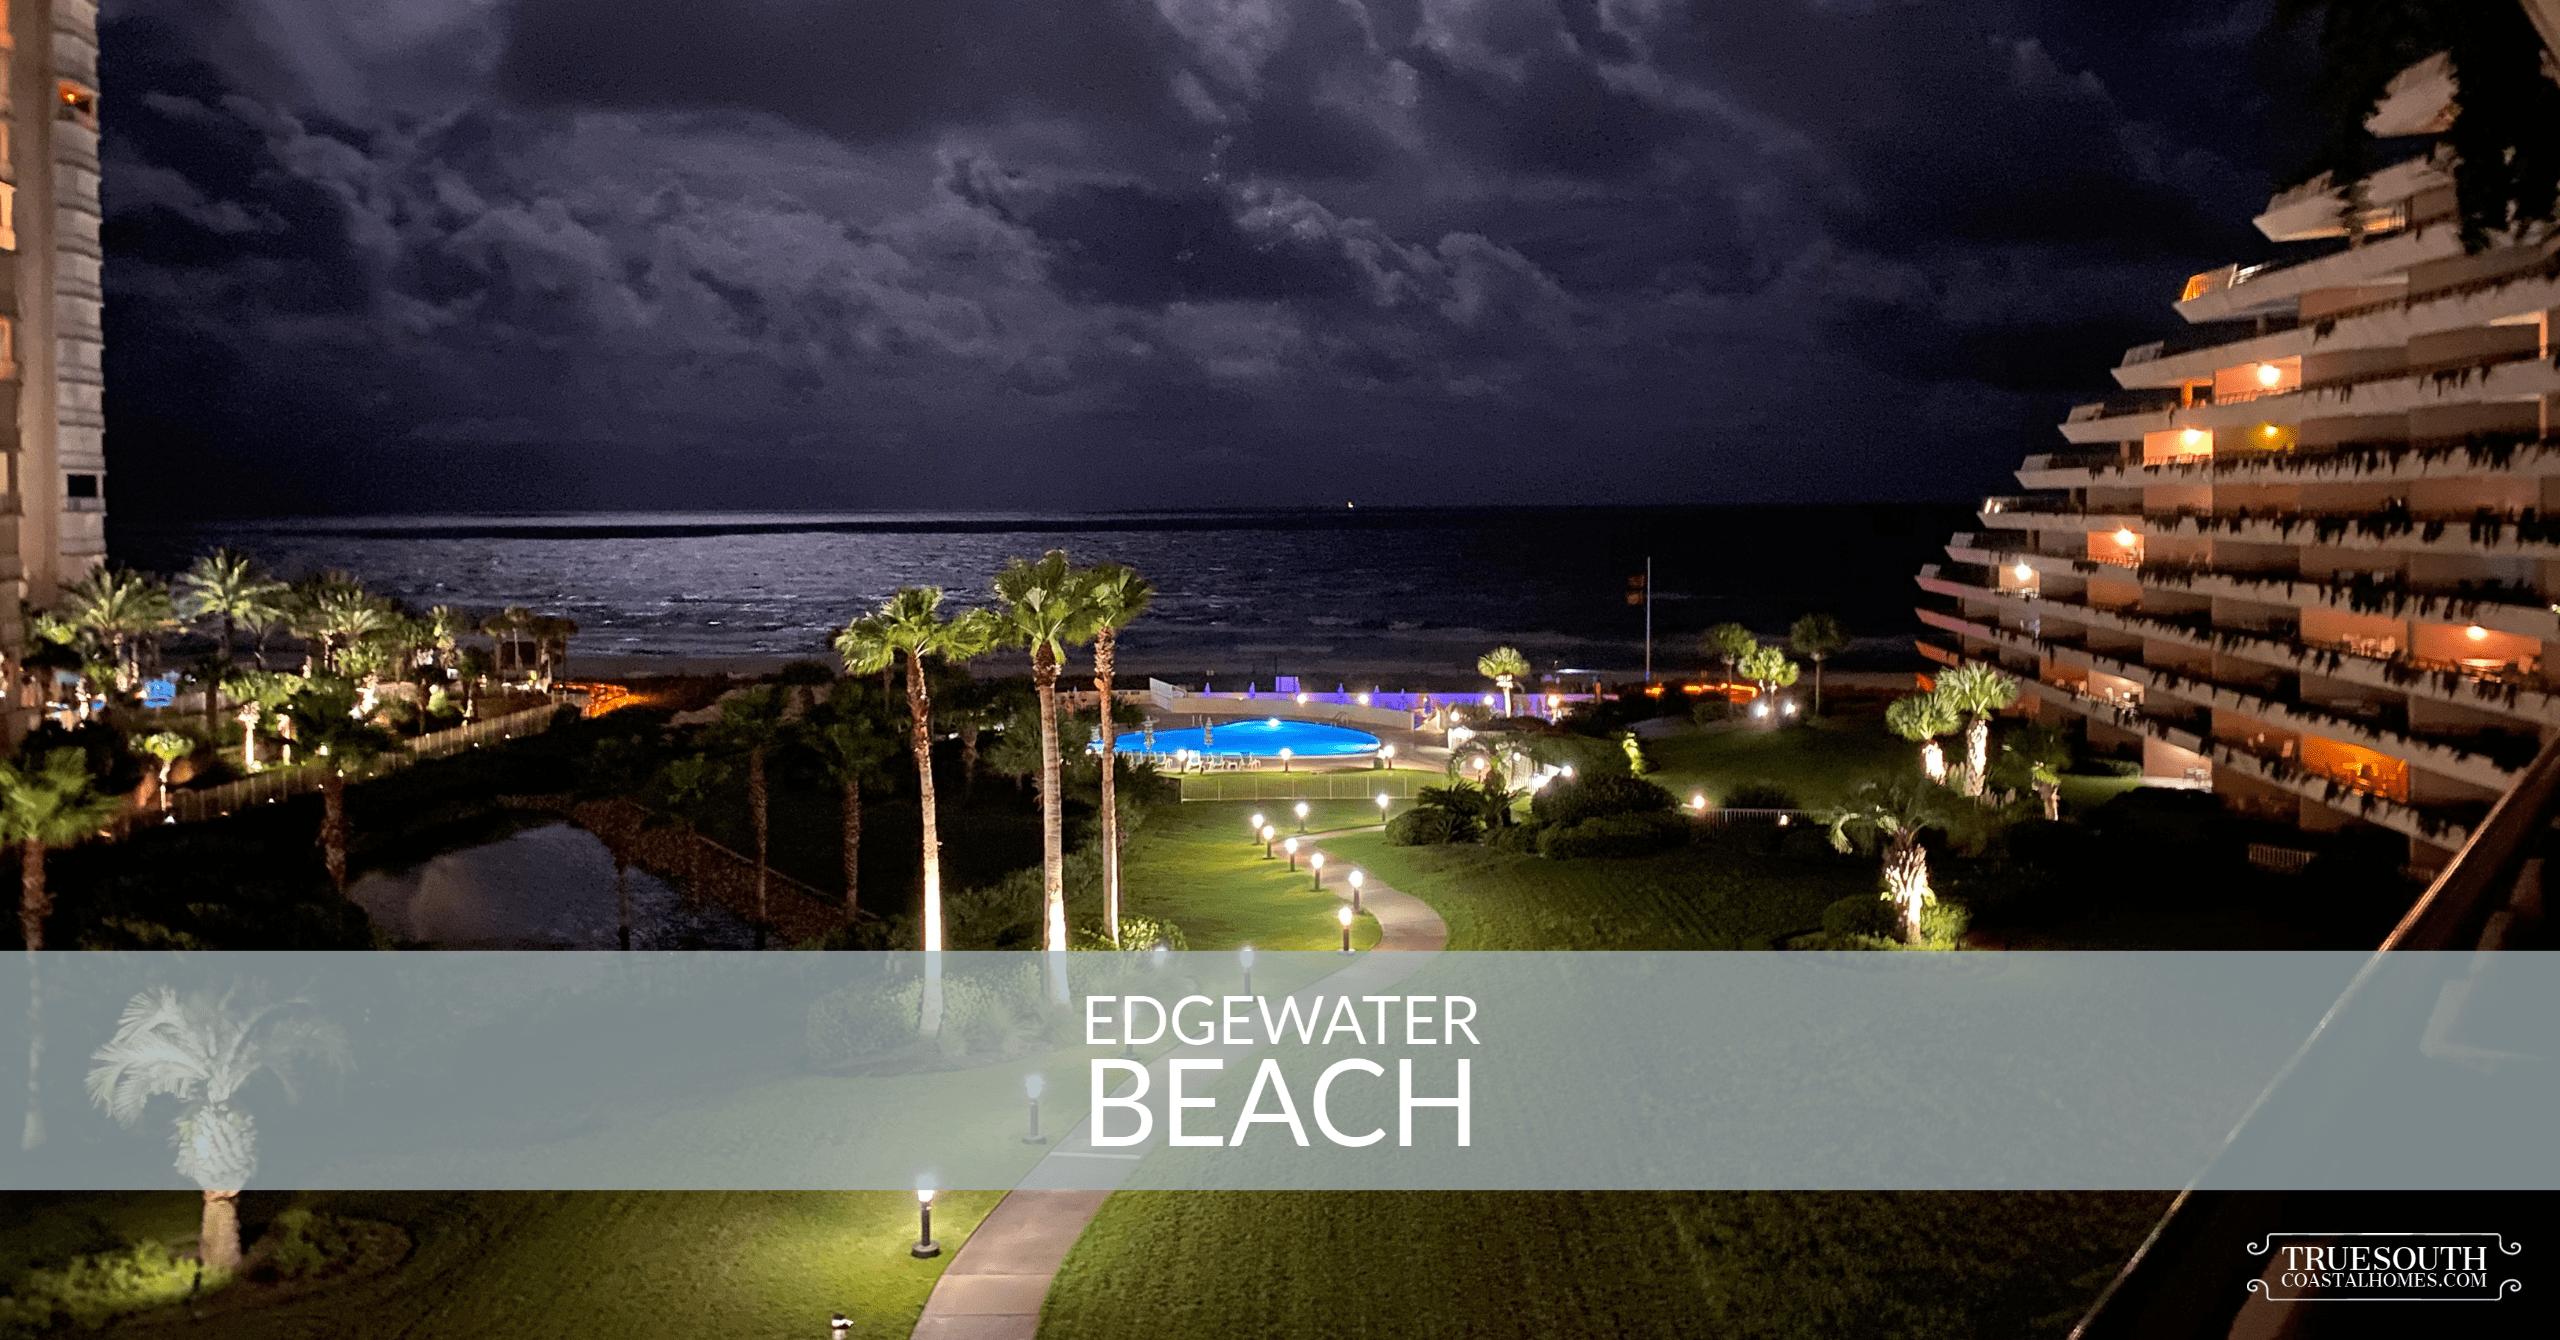 Edgewater Beach Nighttime Shot